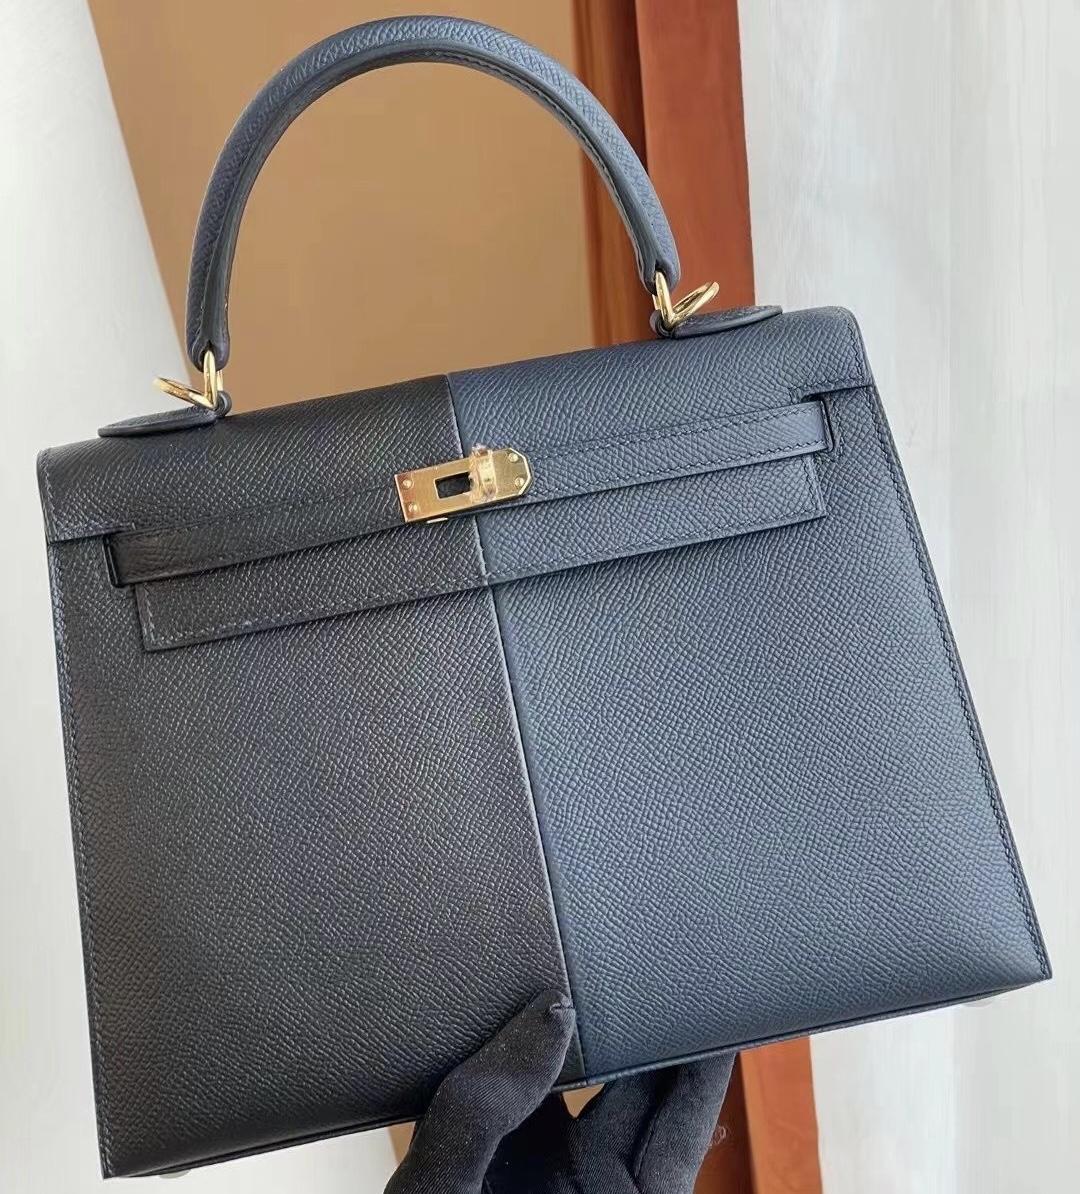 愛馬仕凱莉包專櫃價格 Hermes Kelly 25 三拼色 Epsom 76 Bleu Indigo 拼 89 Noir 黑色